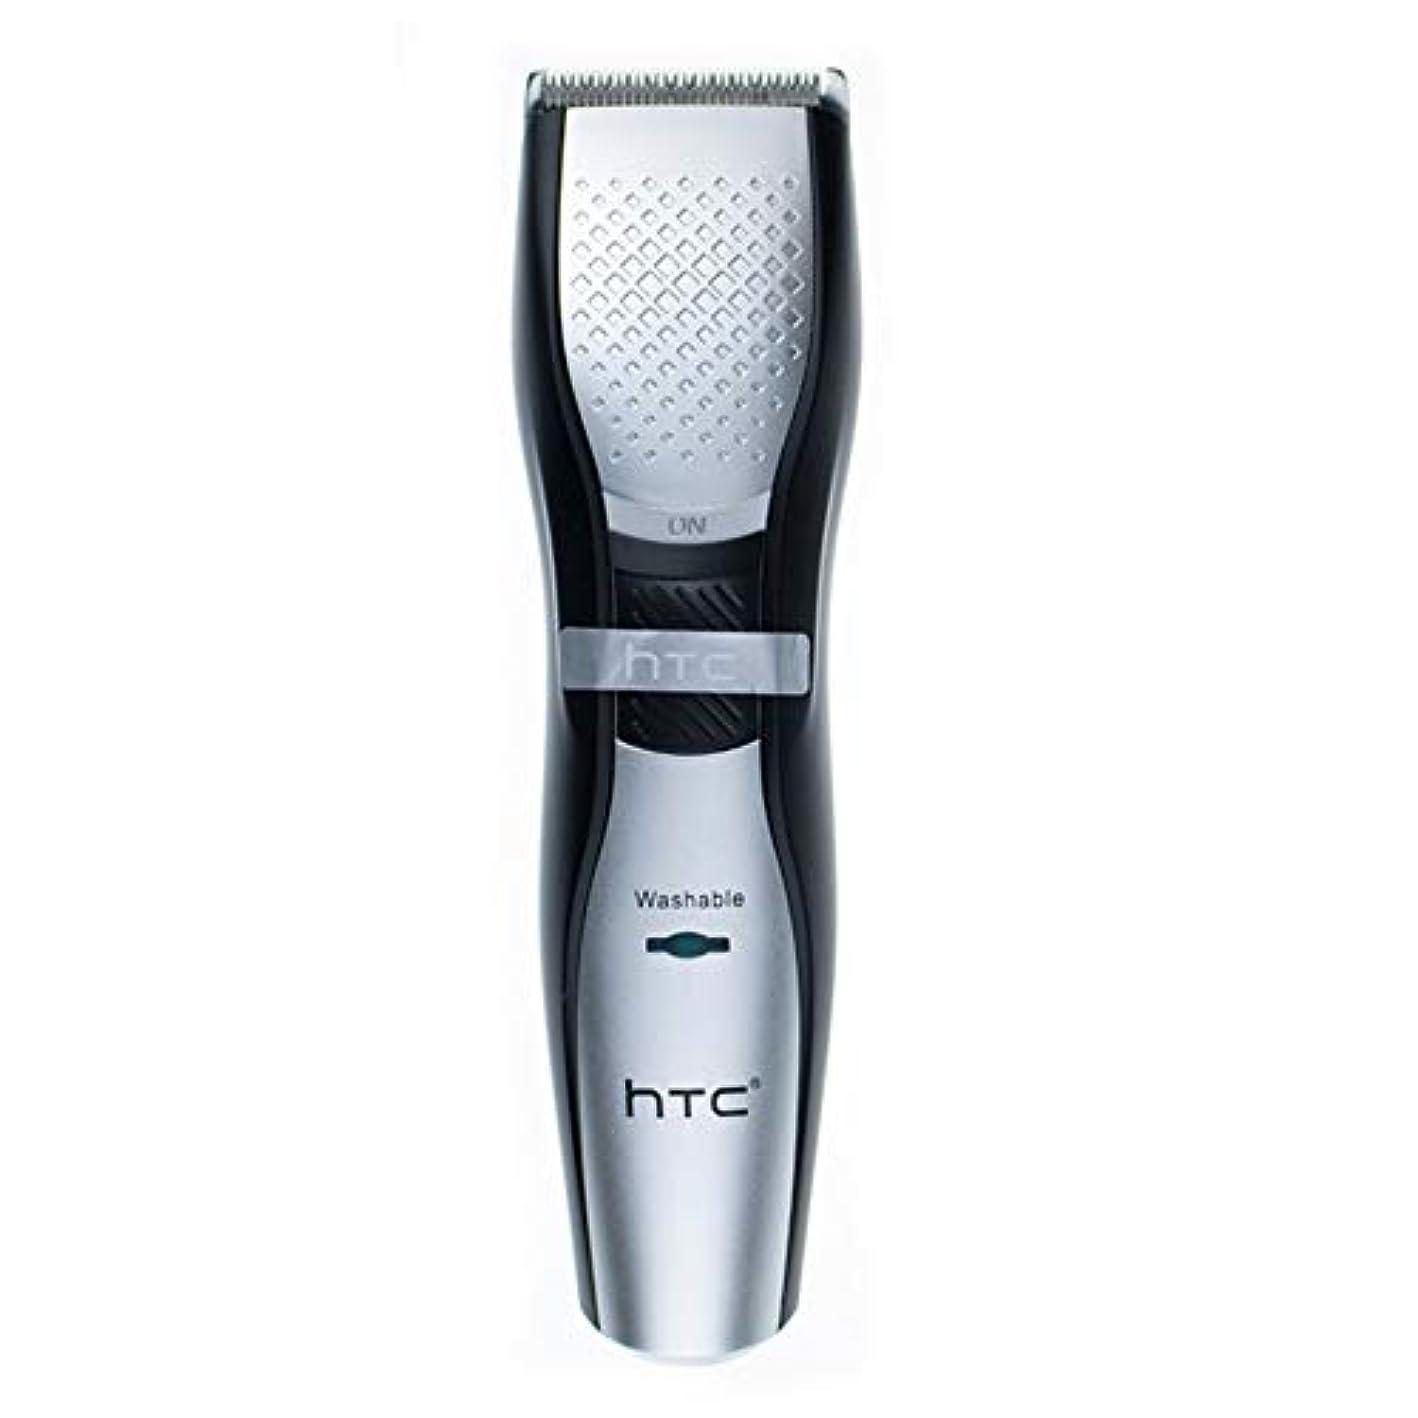 実行防腐剤報いるバリカン、男性用家庭用ひげ剃り、ボディウォッシュステンレスカッターヘッド、低騒音および低振動